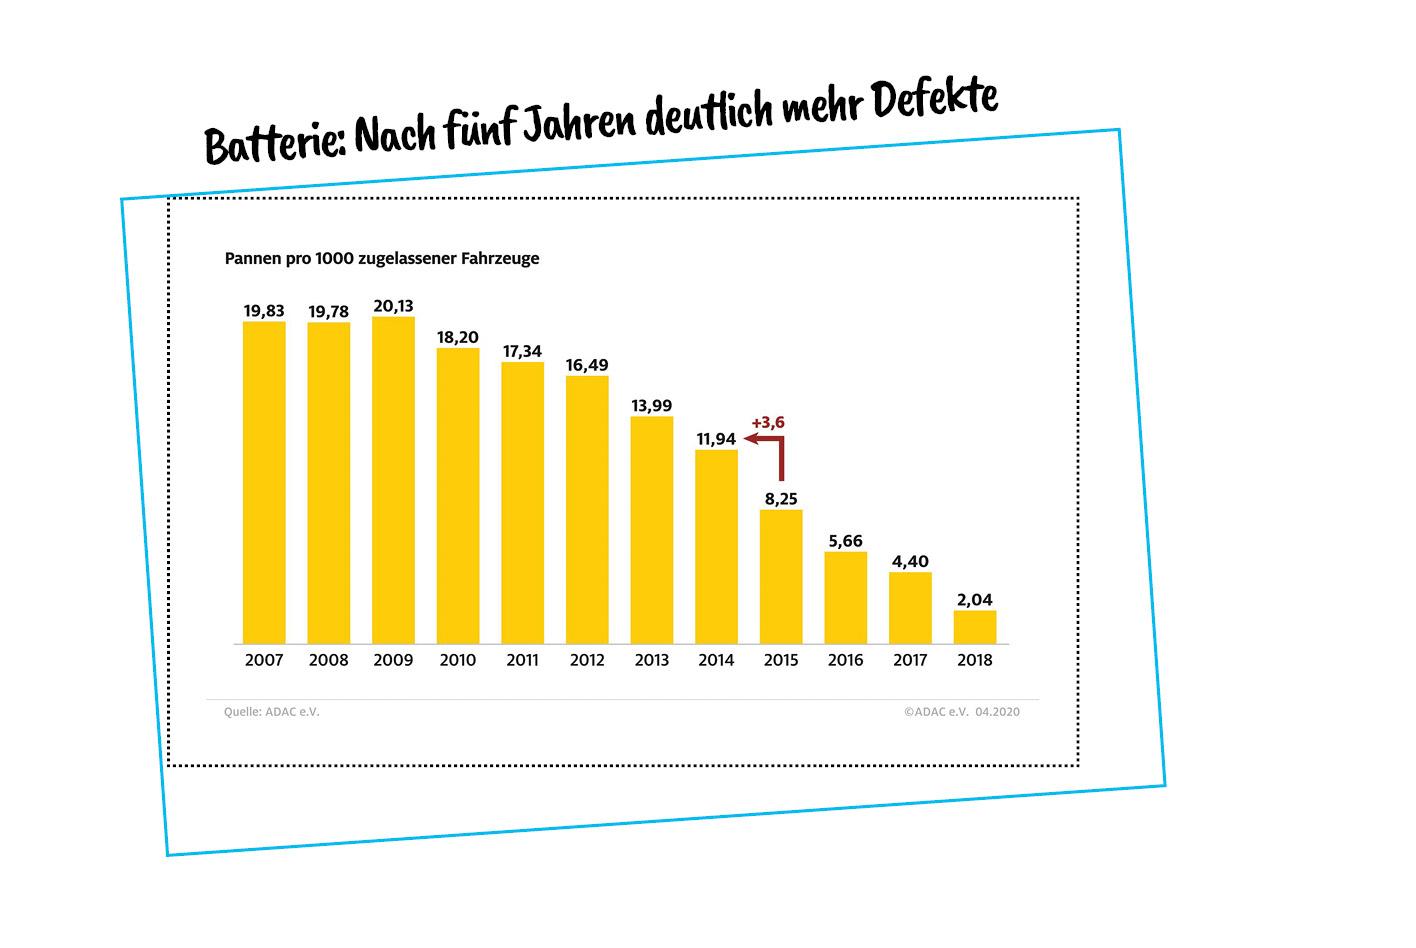 ADAC-Pannenstatistik 2020: Batterie Pannen pro Fahrzeug im Zeitverlauf.